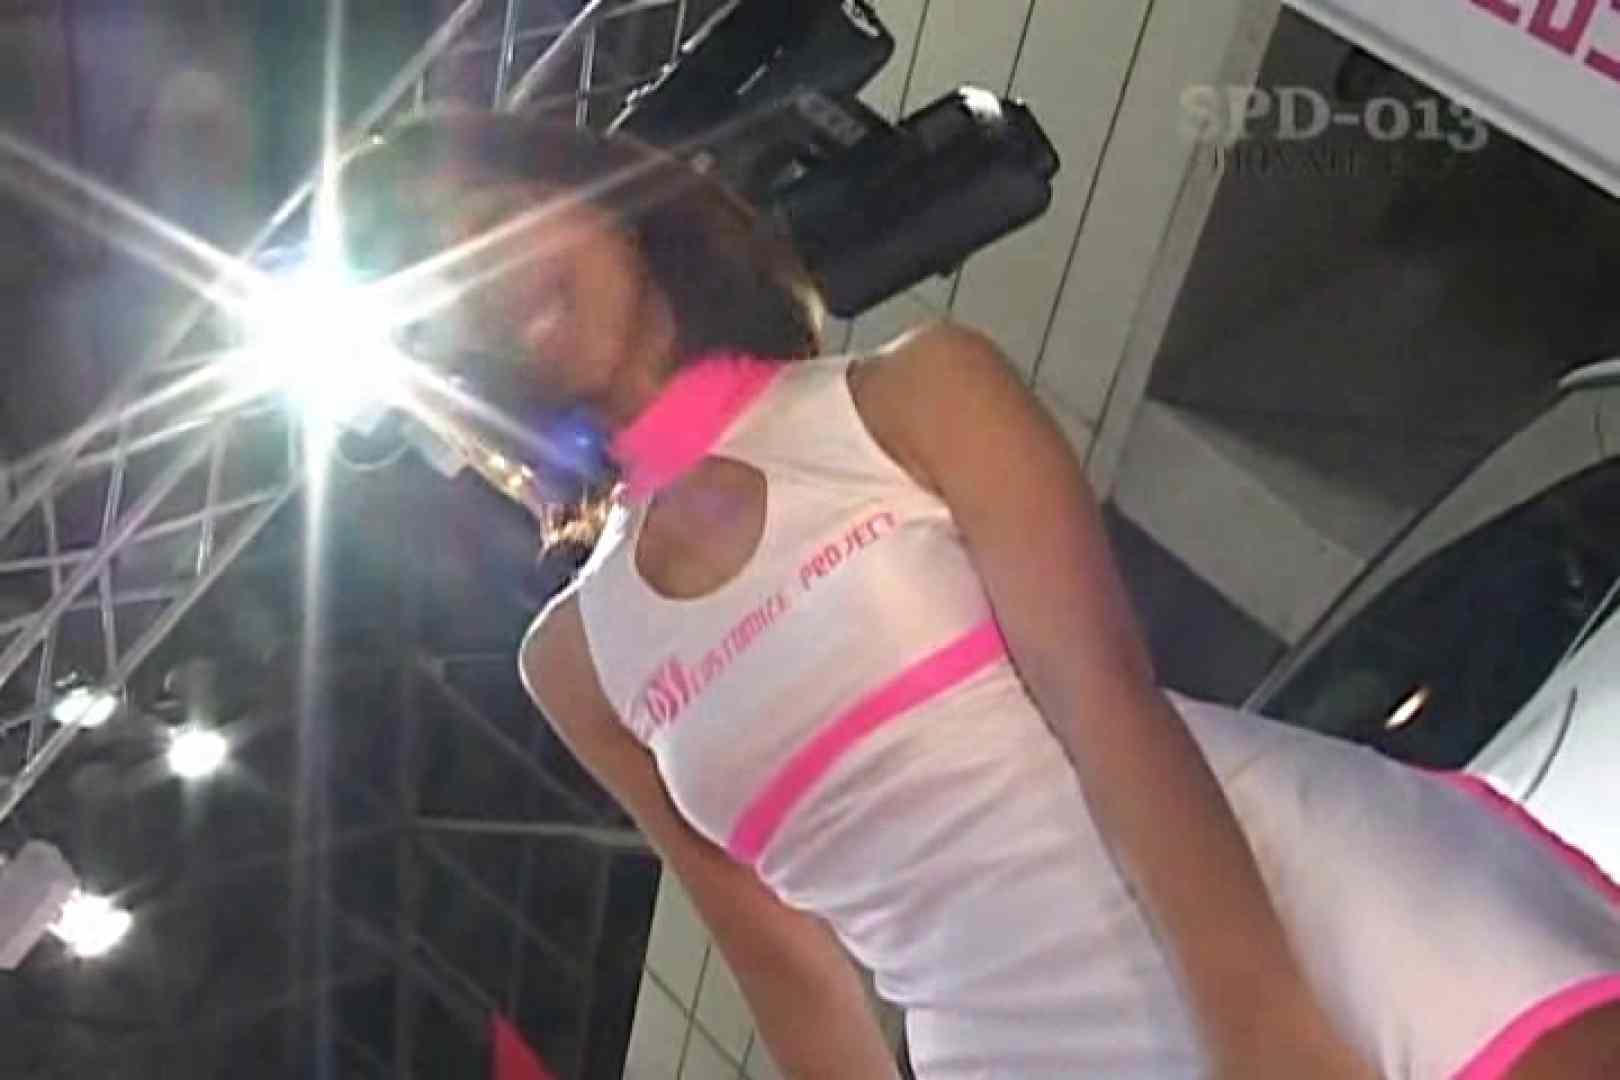 高画質版!SPD-013 ザ・コンパニオン 01 東京オートサロン2001 Vol.2 高画質 盗撮動画紹介 85画像 46